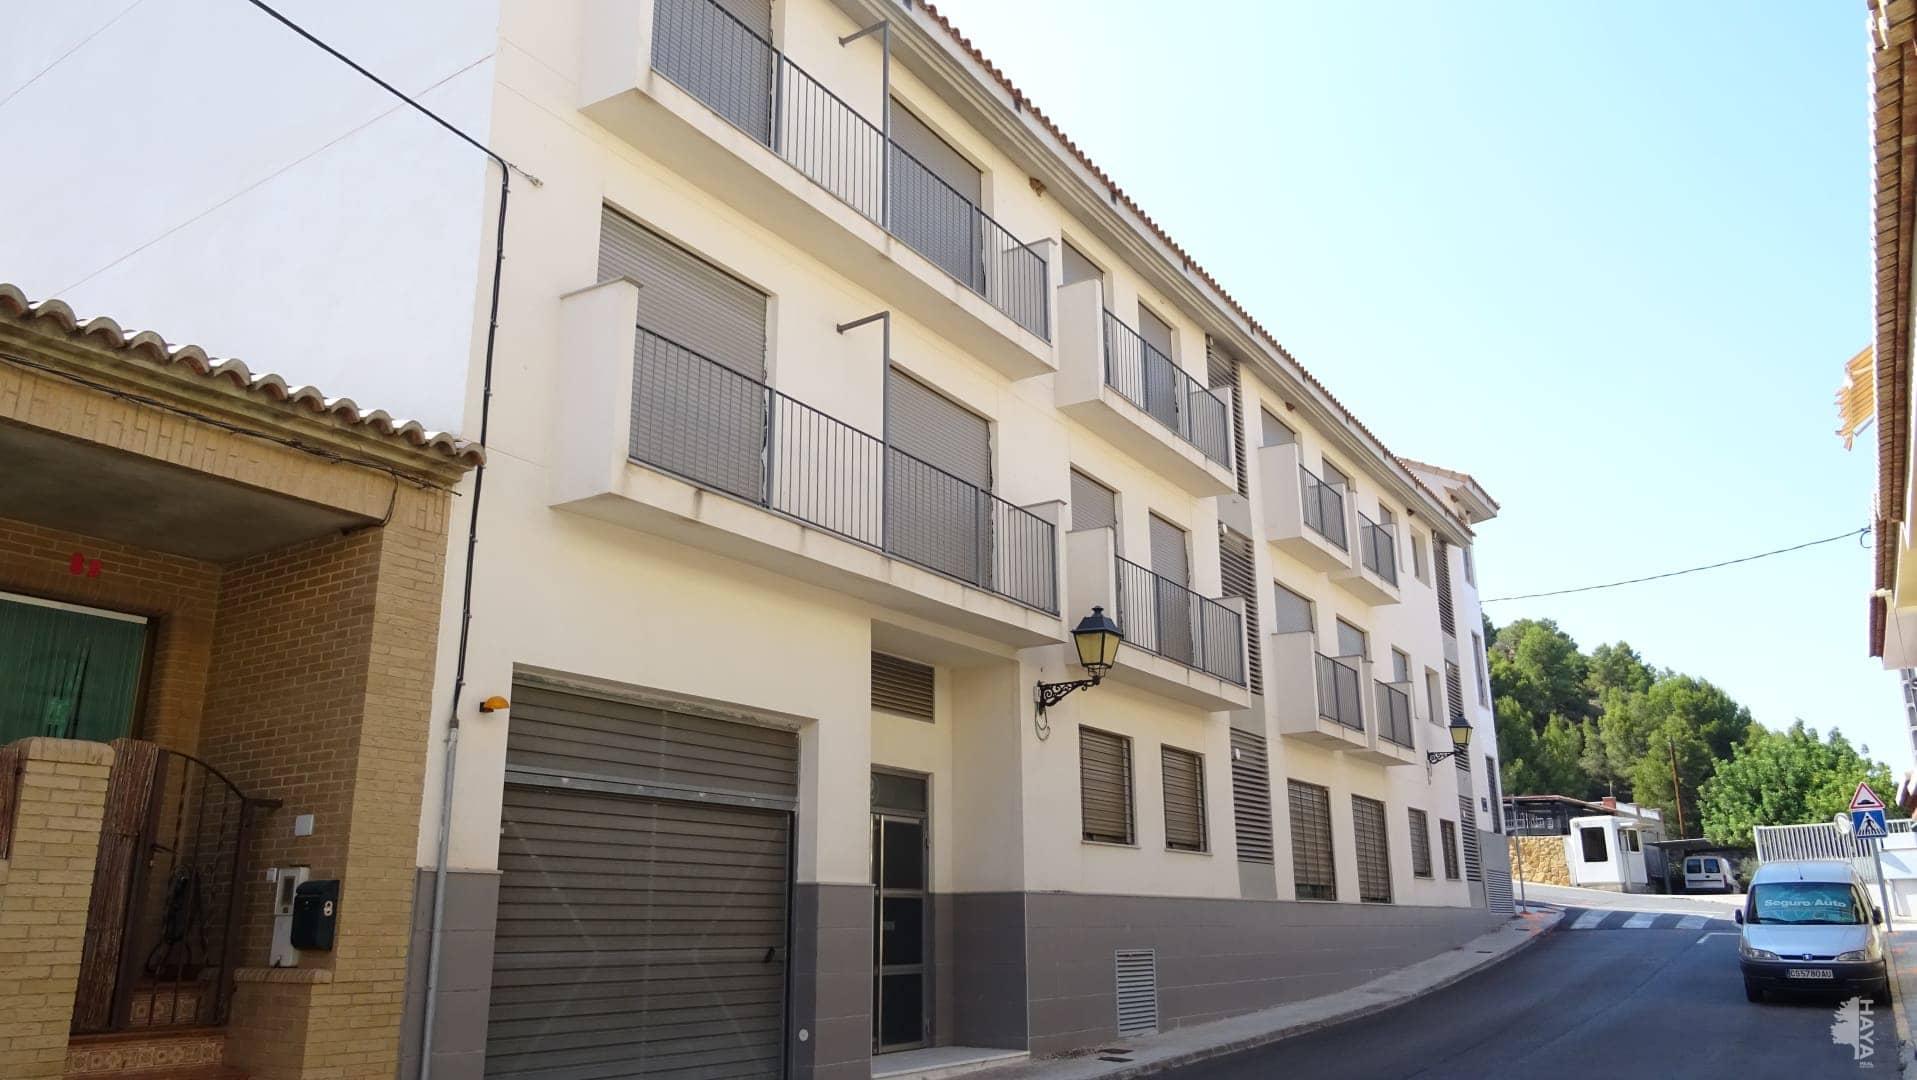 Piso en venta en Gilet, Gilet, Valencia, Calle Sagunt, 94.000 €, 2 habitaciones, 2 baños, 90 m2